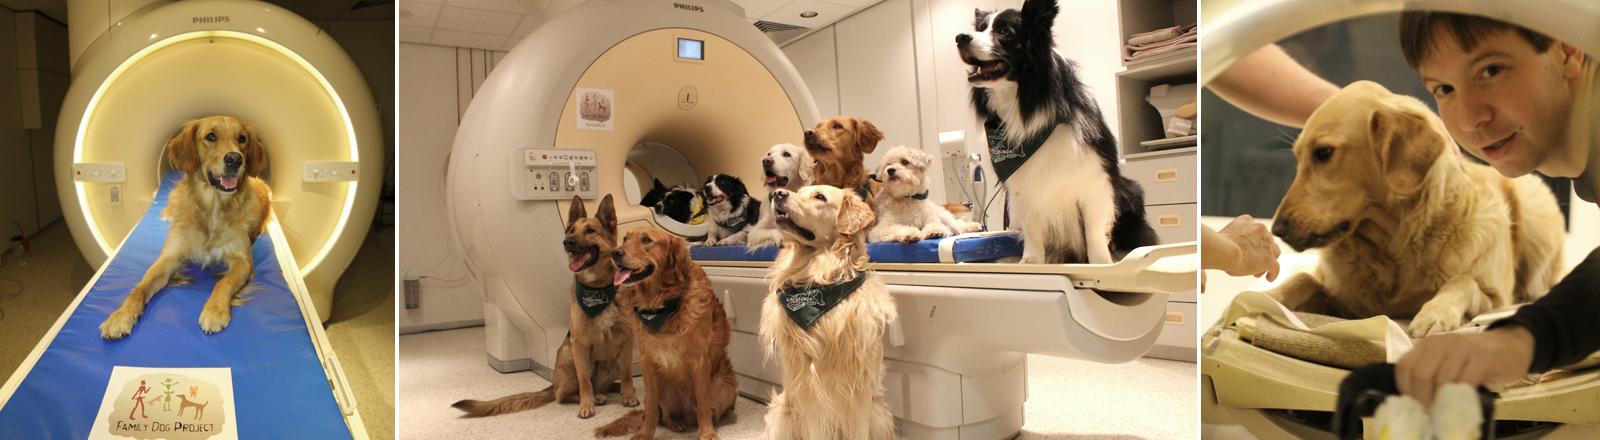 Sprachverständnis von Hunden wird im Kernspintomografen untersucht.